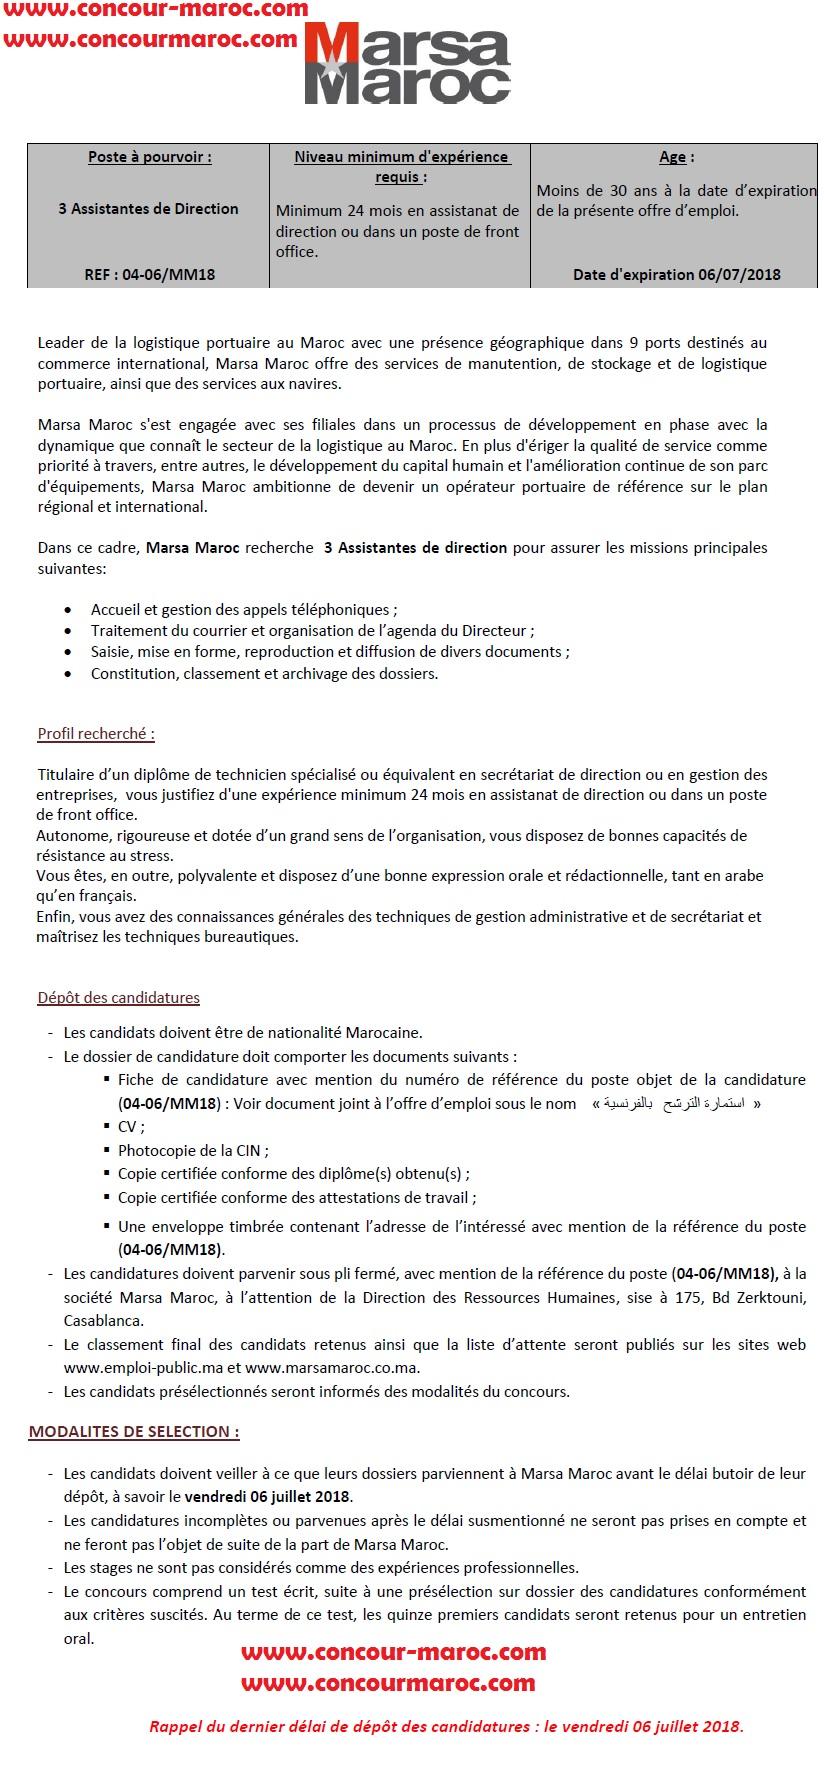 شركة استغلال الموانئ - مرسى ماروك : مباراة لتوظيف 03 مساعدة ادارة Assistante de Direction آخر أجل 6 يوليوز 2018    Marsam10